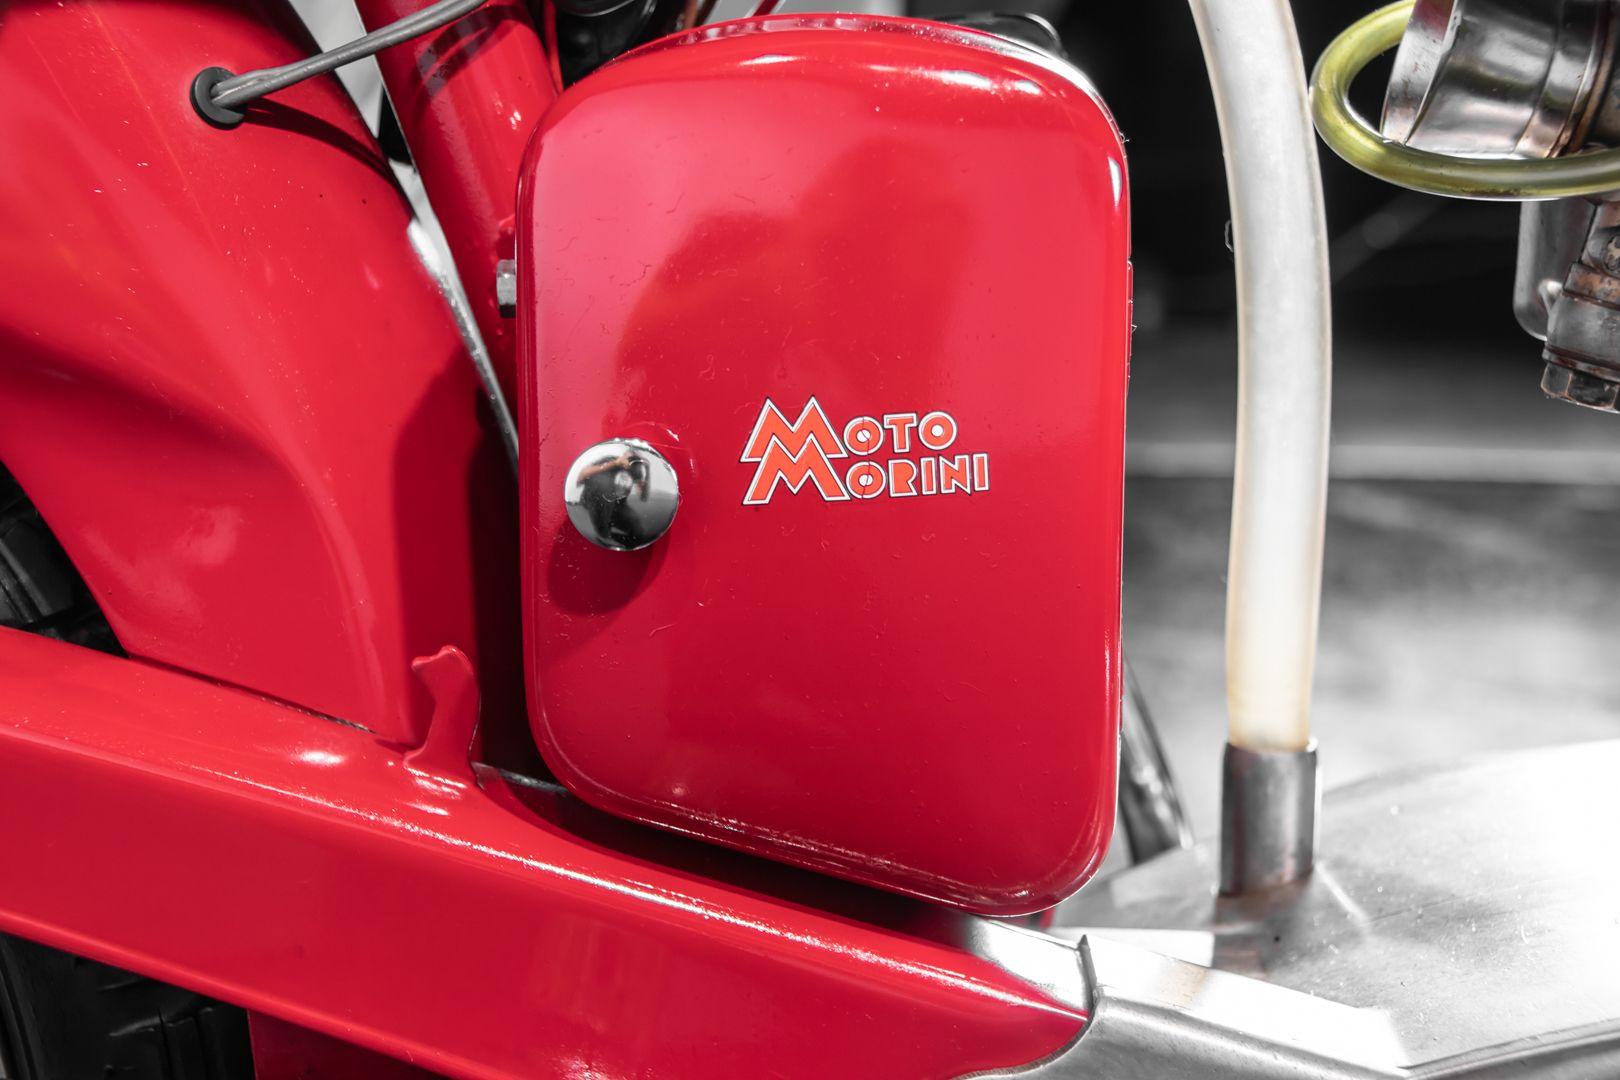 1956 Moto Morini 175 GT 78003